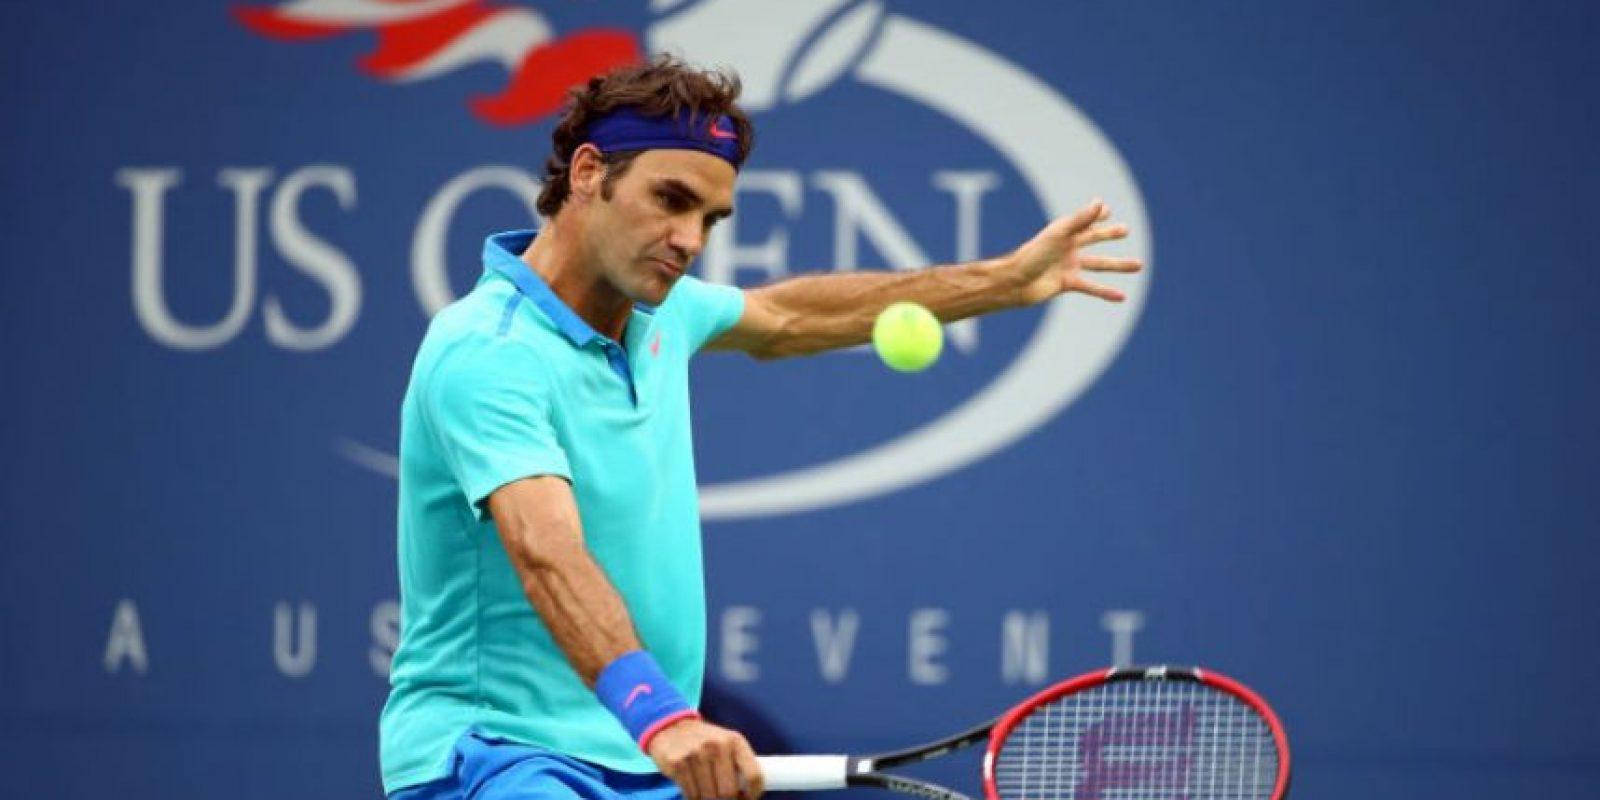 El tenista suizo tiene un valor de su marca de 32 millones de dólares Foto:Getty